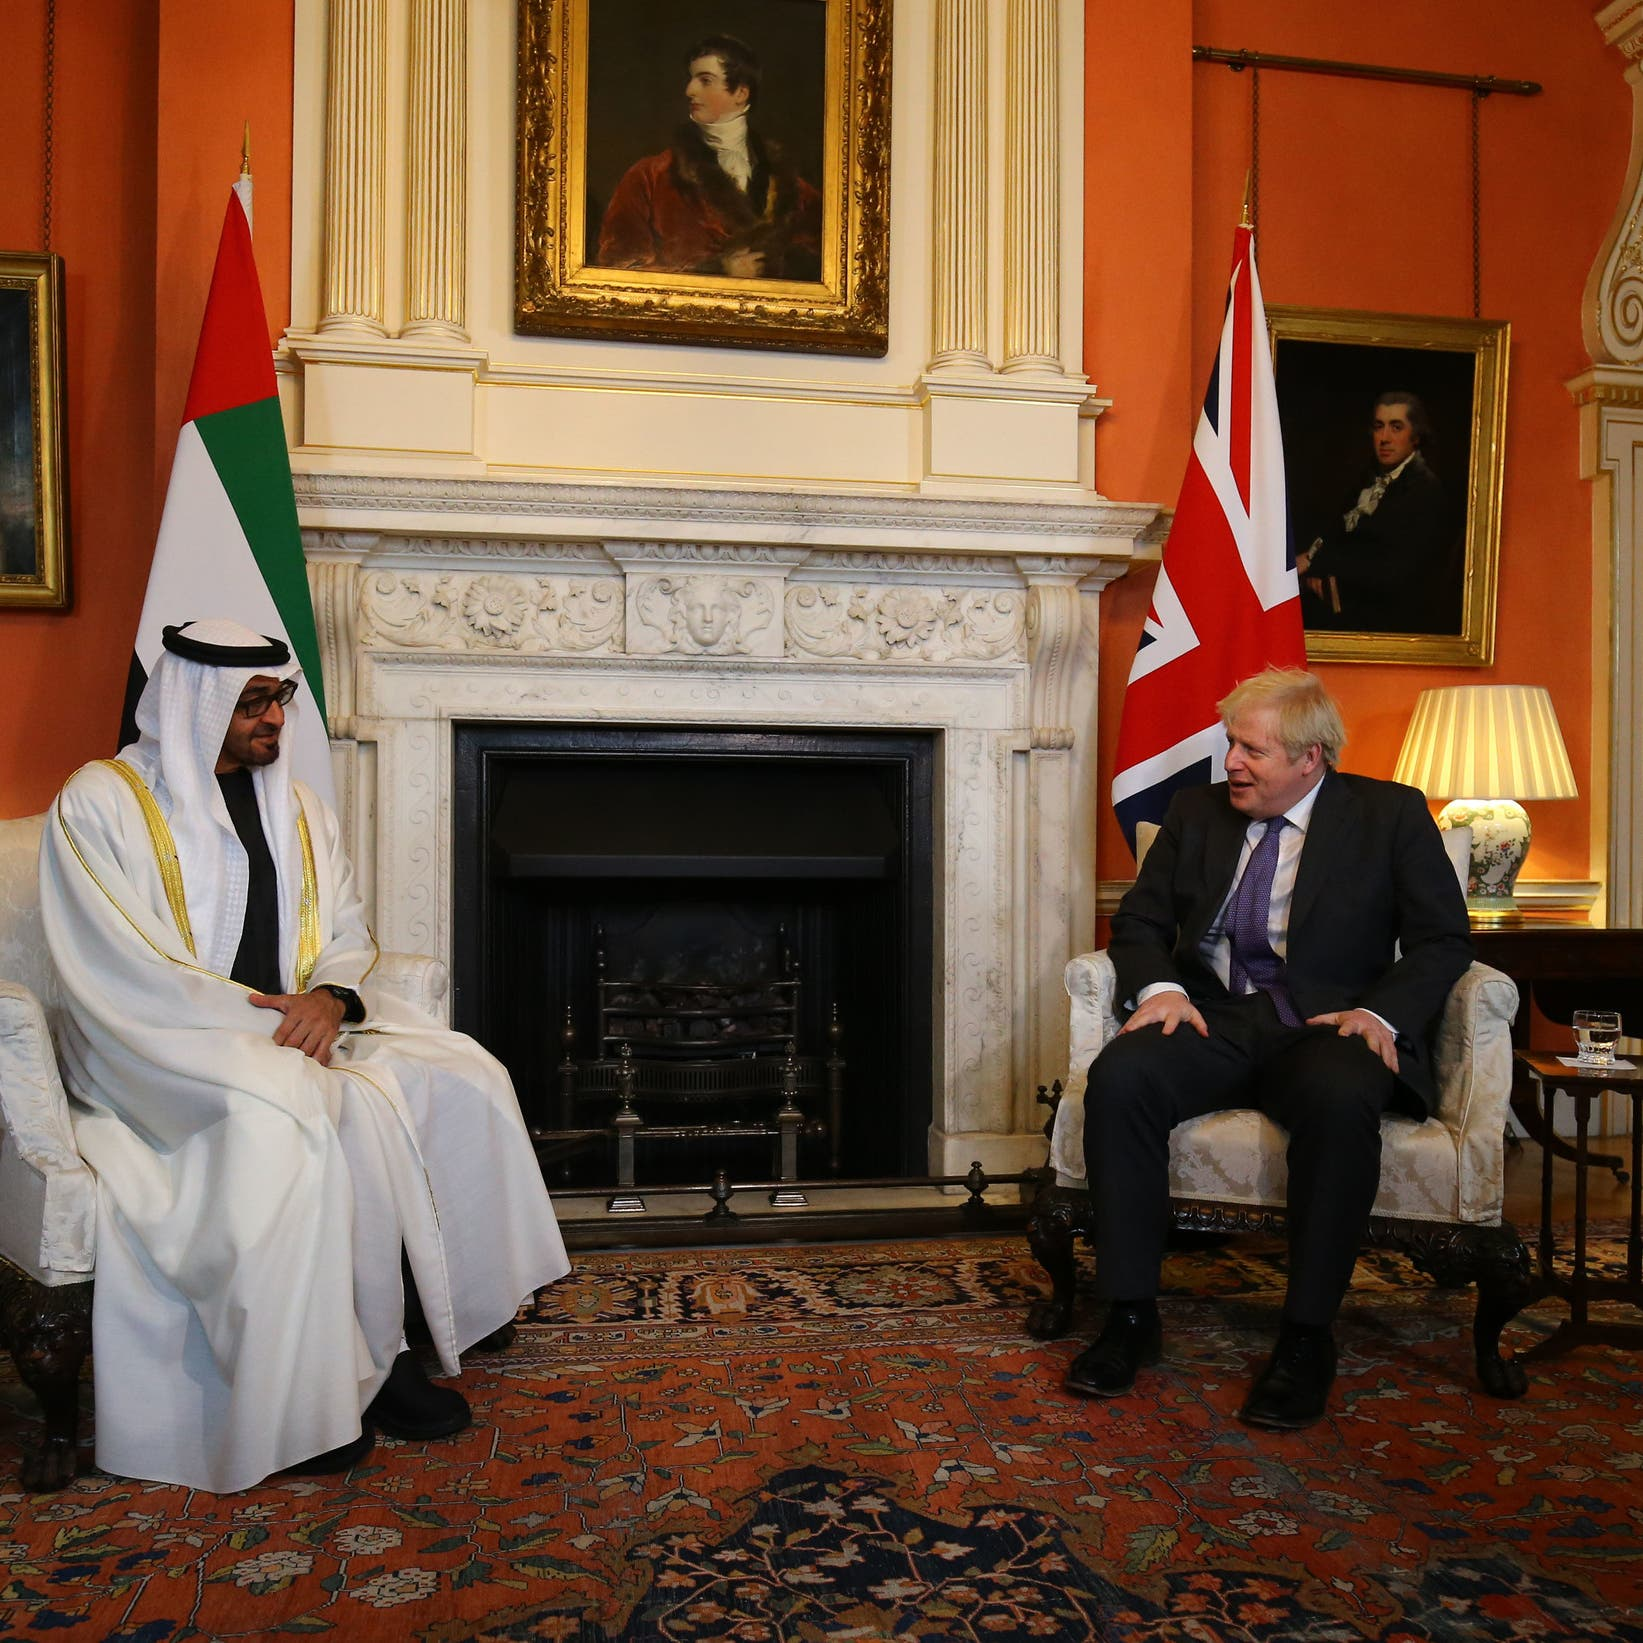 لقاء إماراتي بريطاني يبحث العلاقات الثنائية وقضايا المنطقة